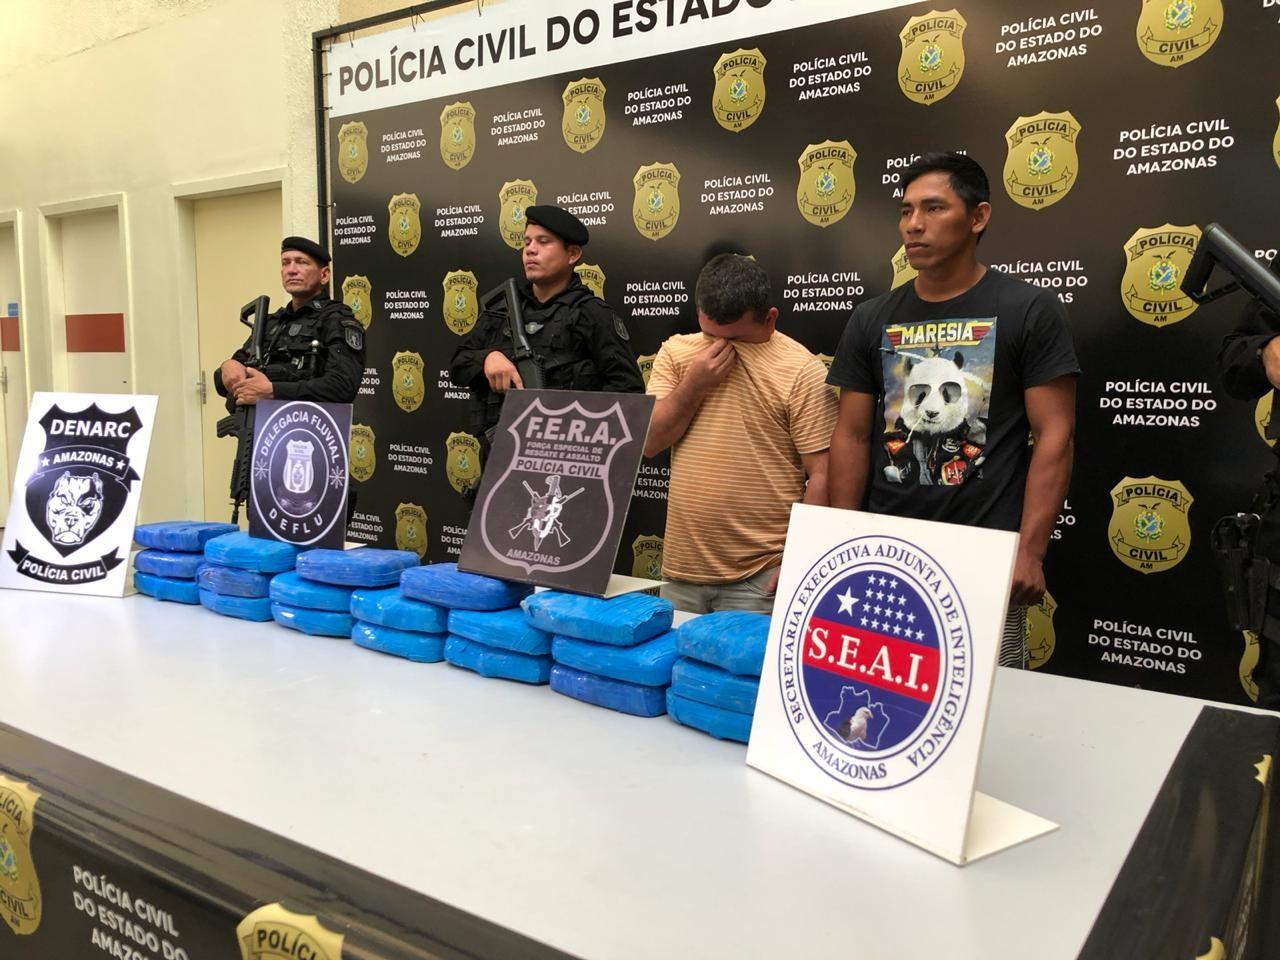 Dupla é presa com 20 kg de cocaína em estacionamento de supermercado, em Manaus